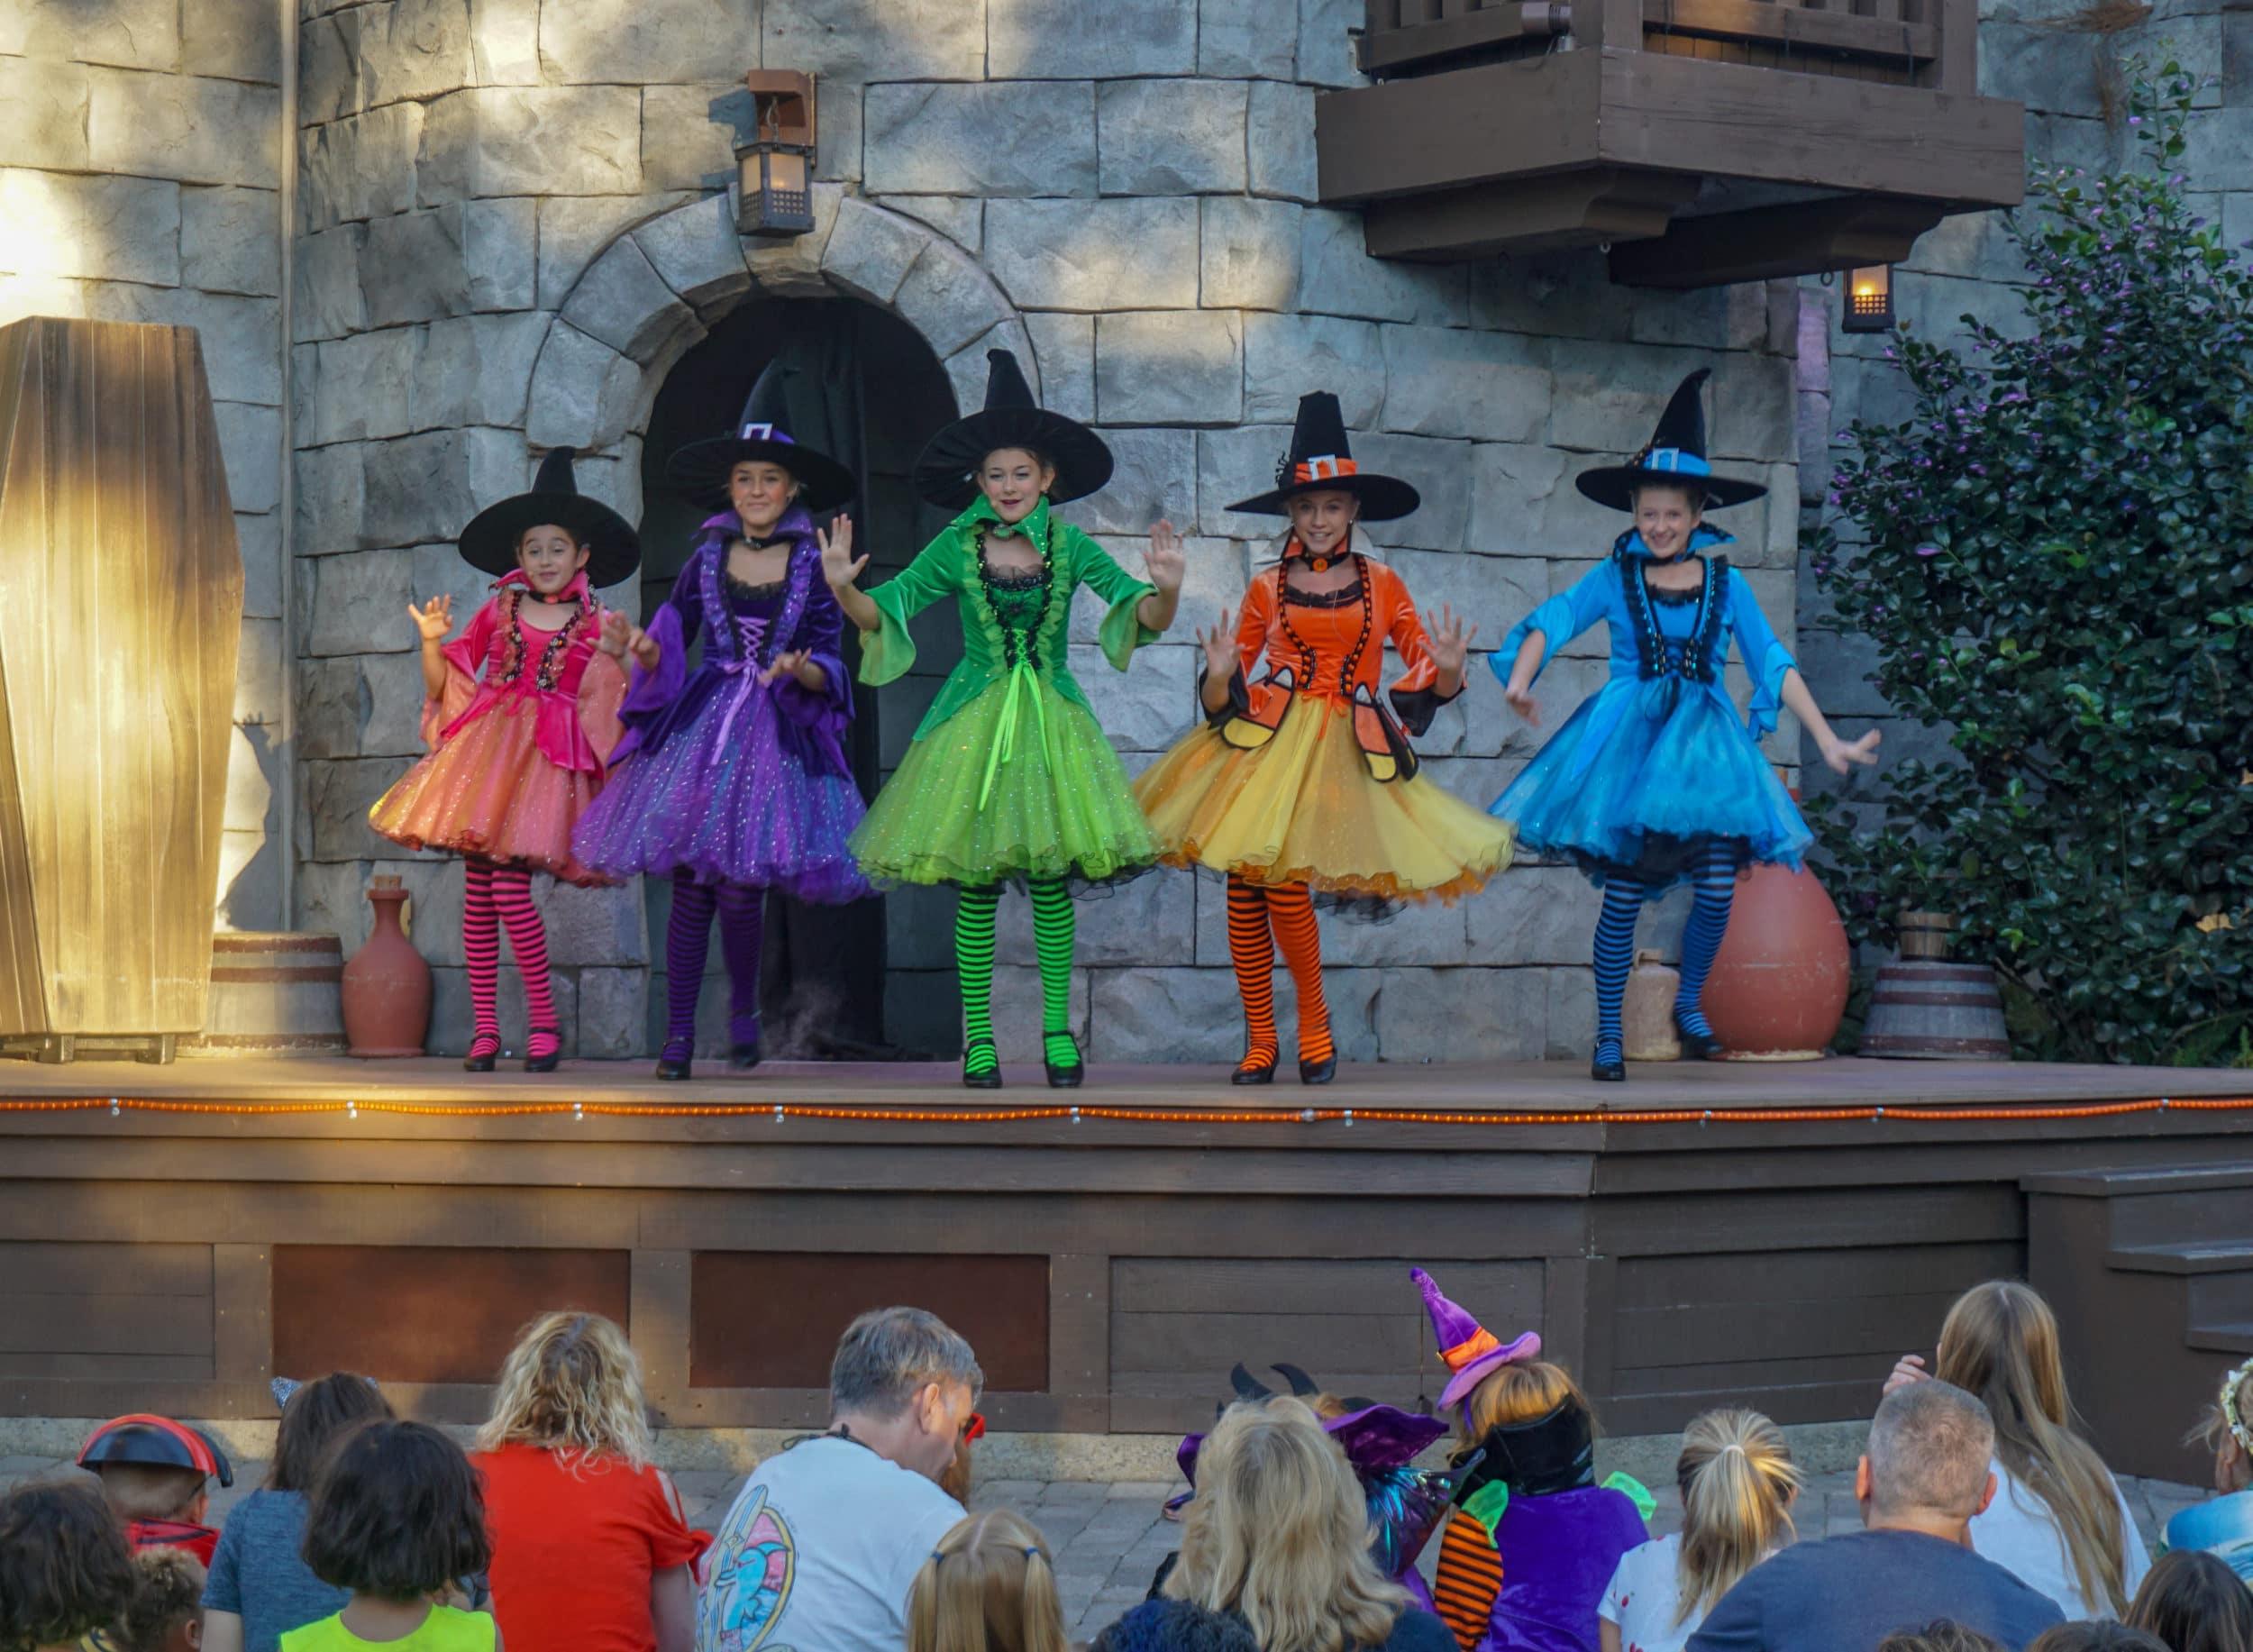 The Witchettes at LEGOLAND Brick-or-Treat